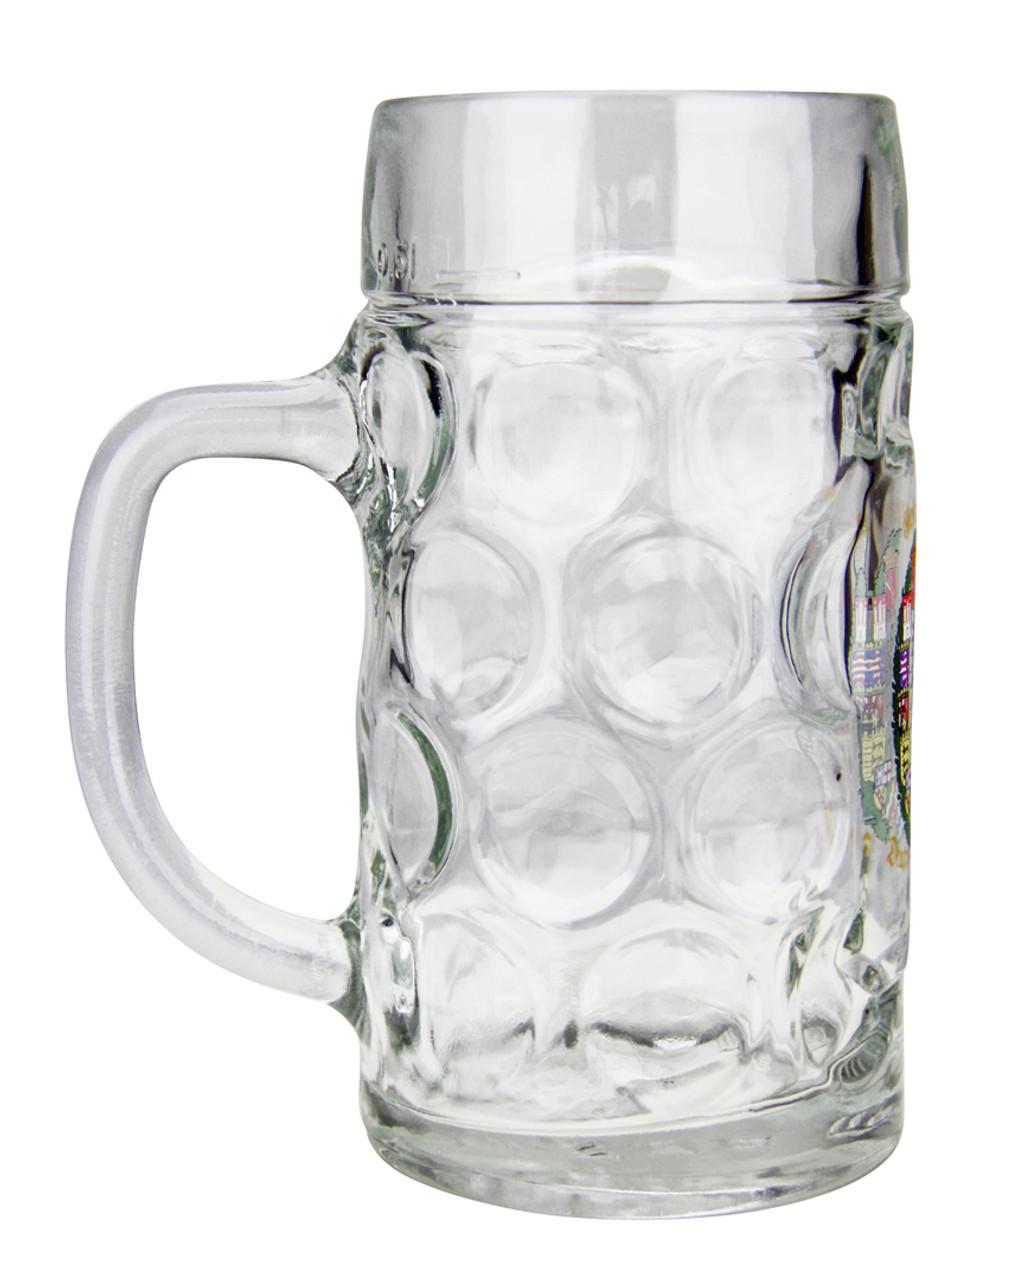 German Eagle & Crests Oktoberfest Glass Beer Mug with .5 Liter Markings